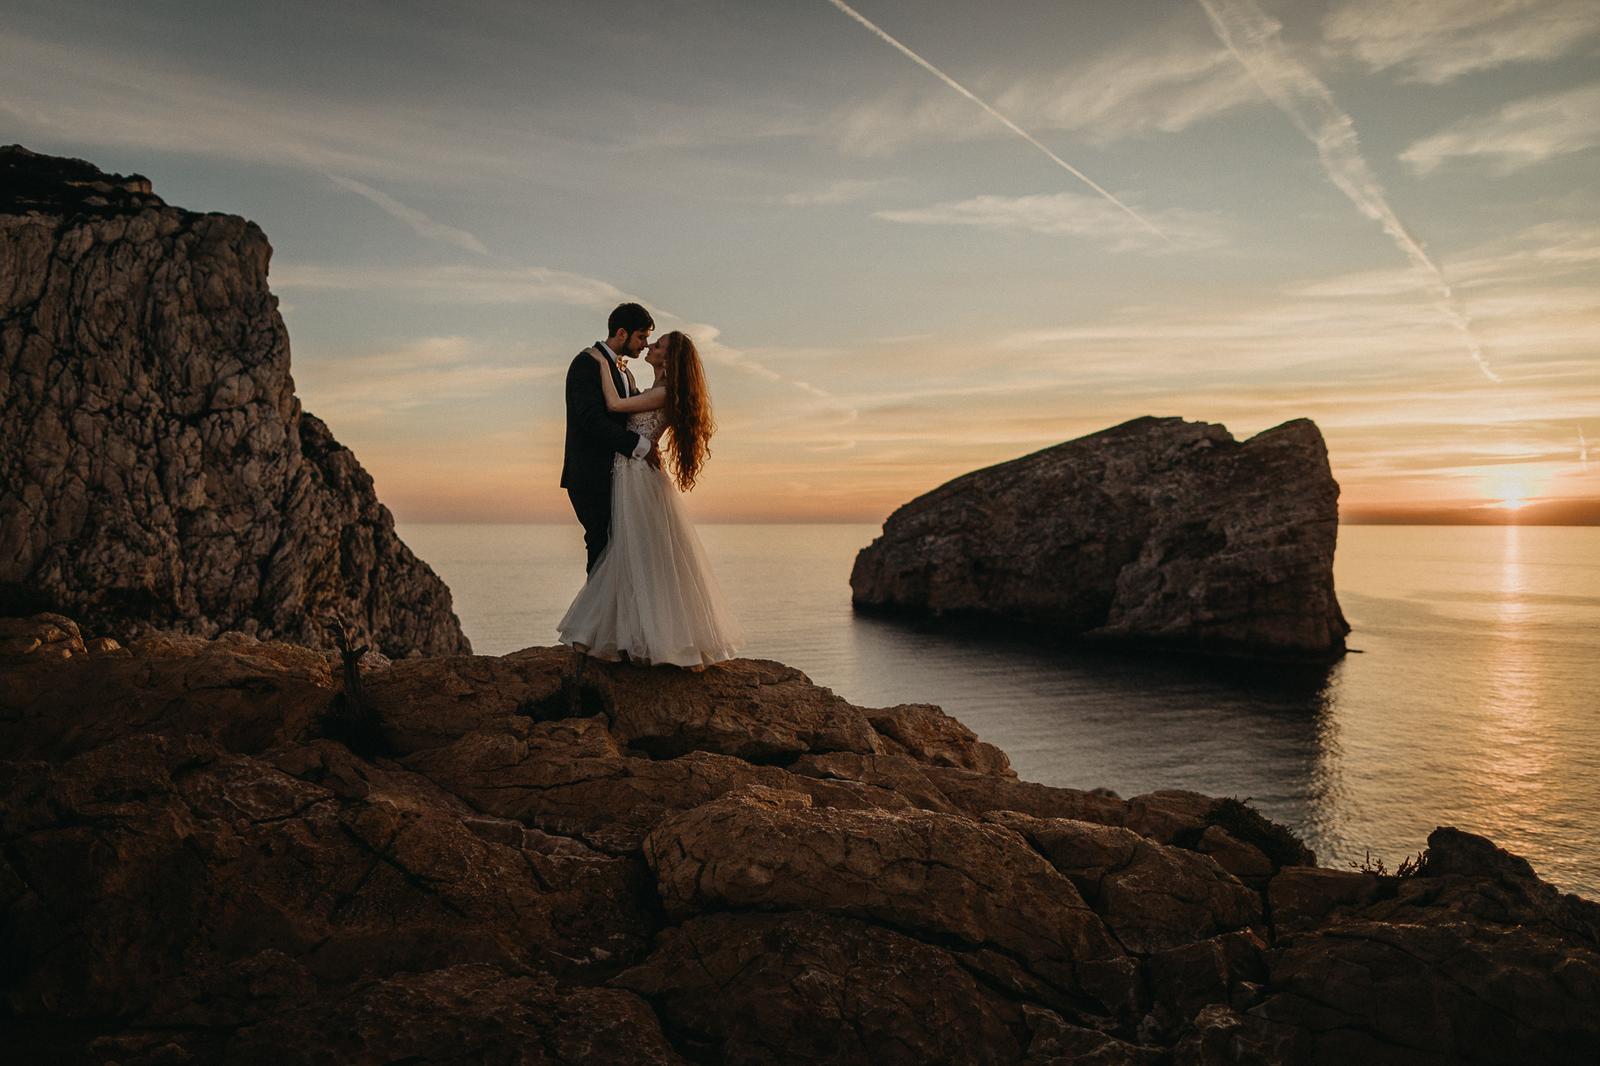 Naše svadobné fotenie na Sardínii - Obrázok č. 95